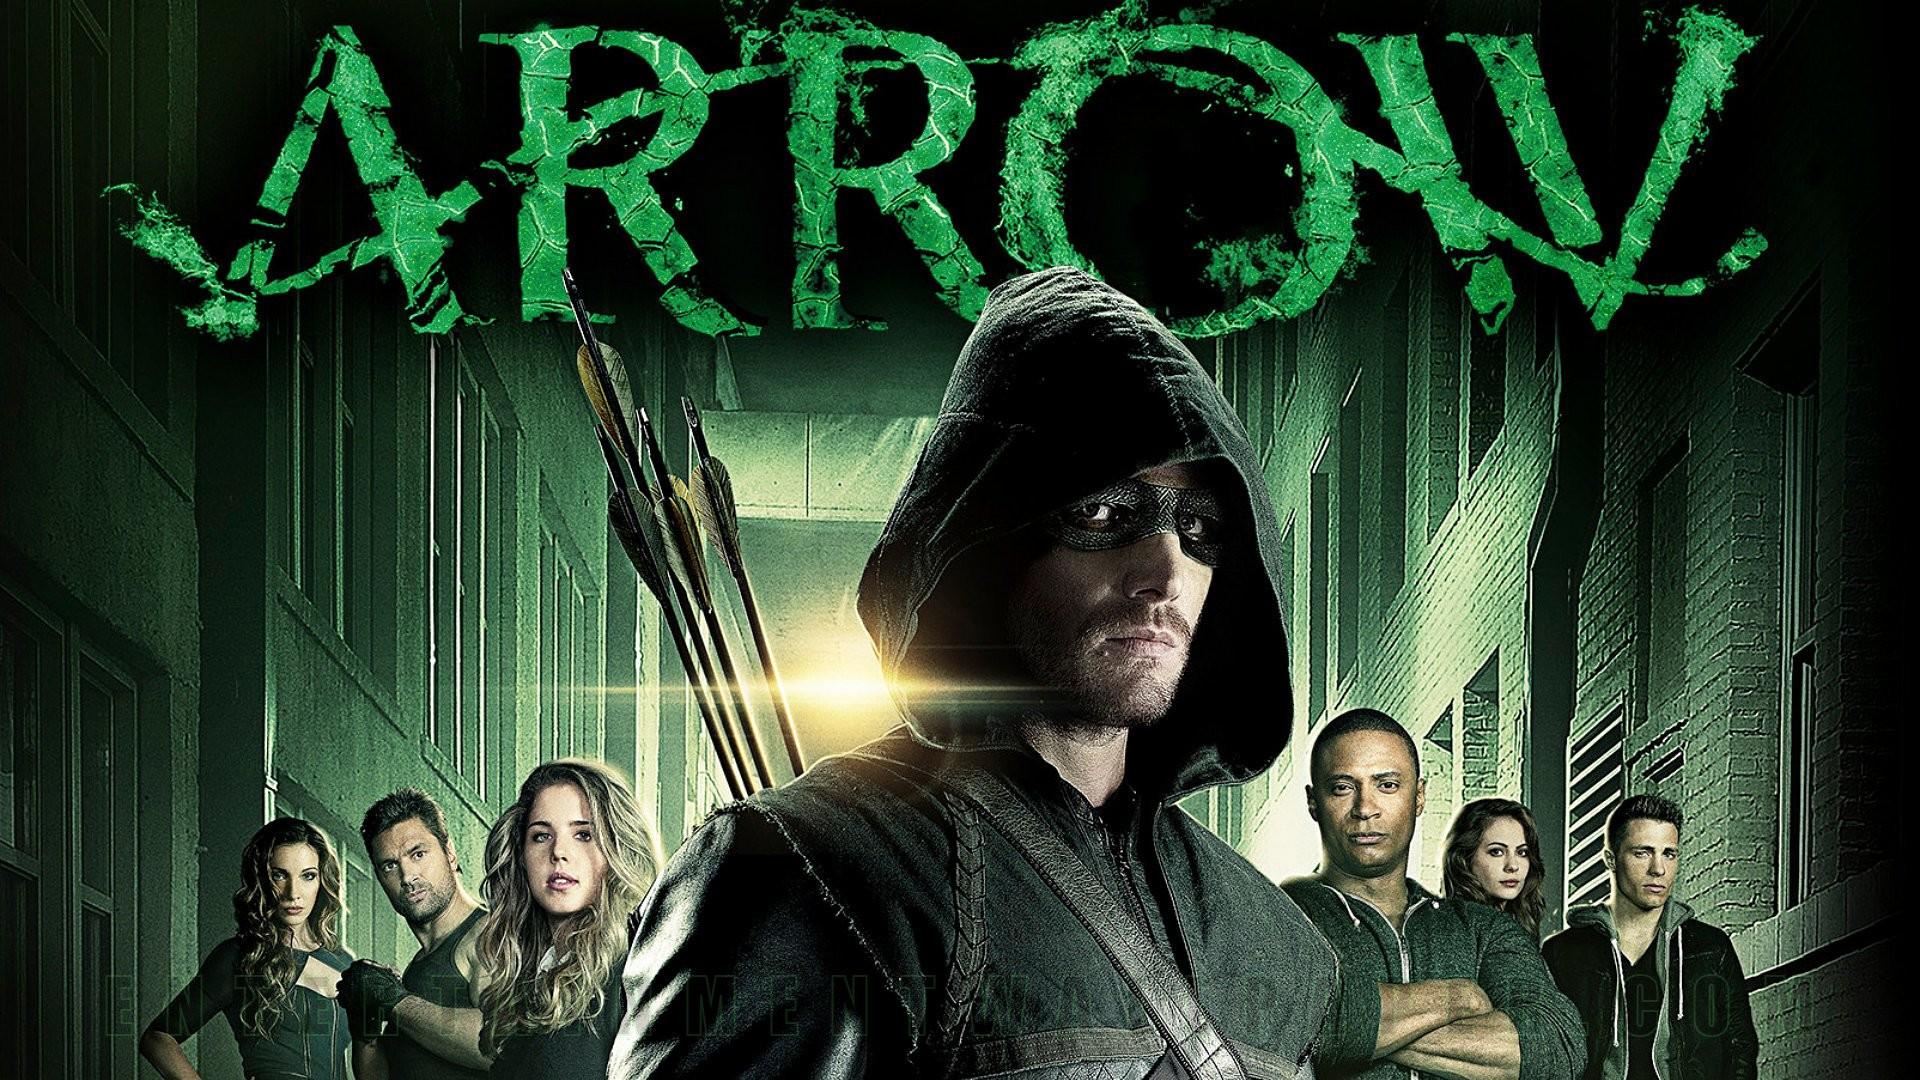 Free Arrow Backgrounds | PixelsTalk.Net